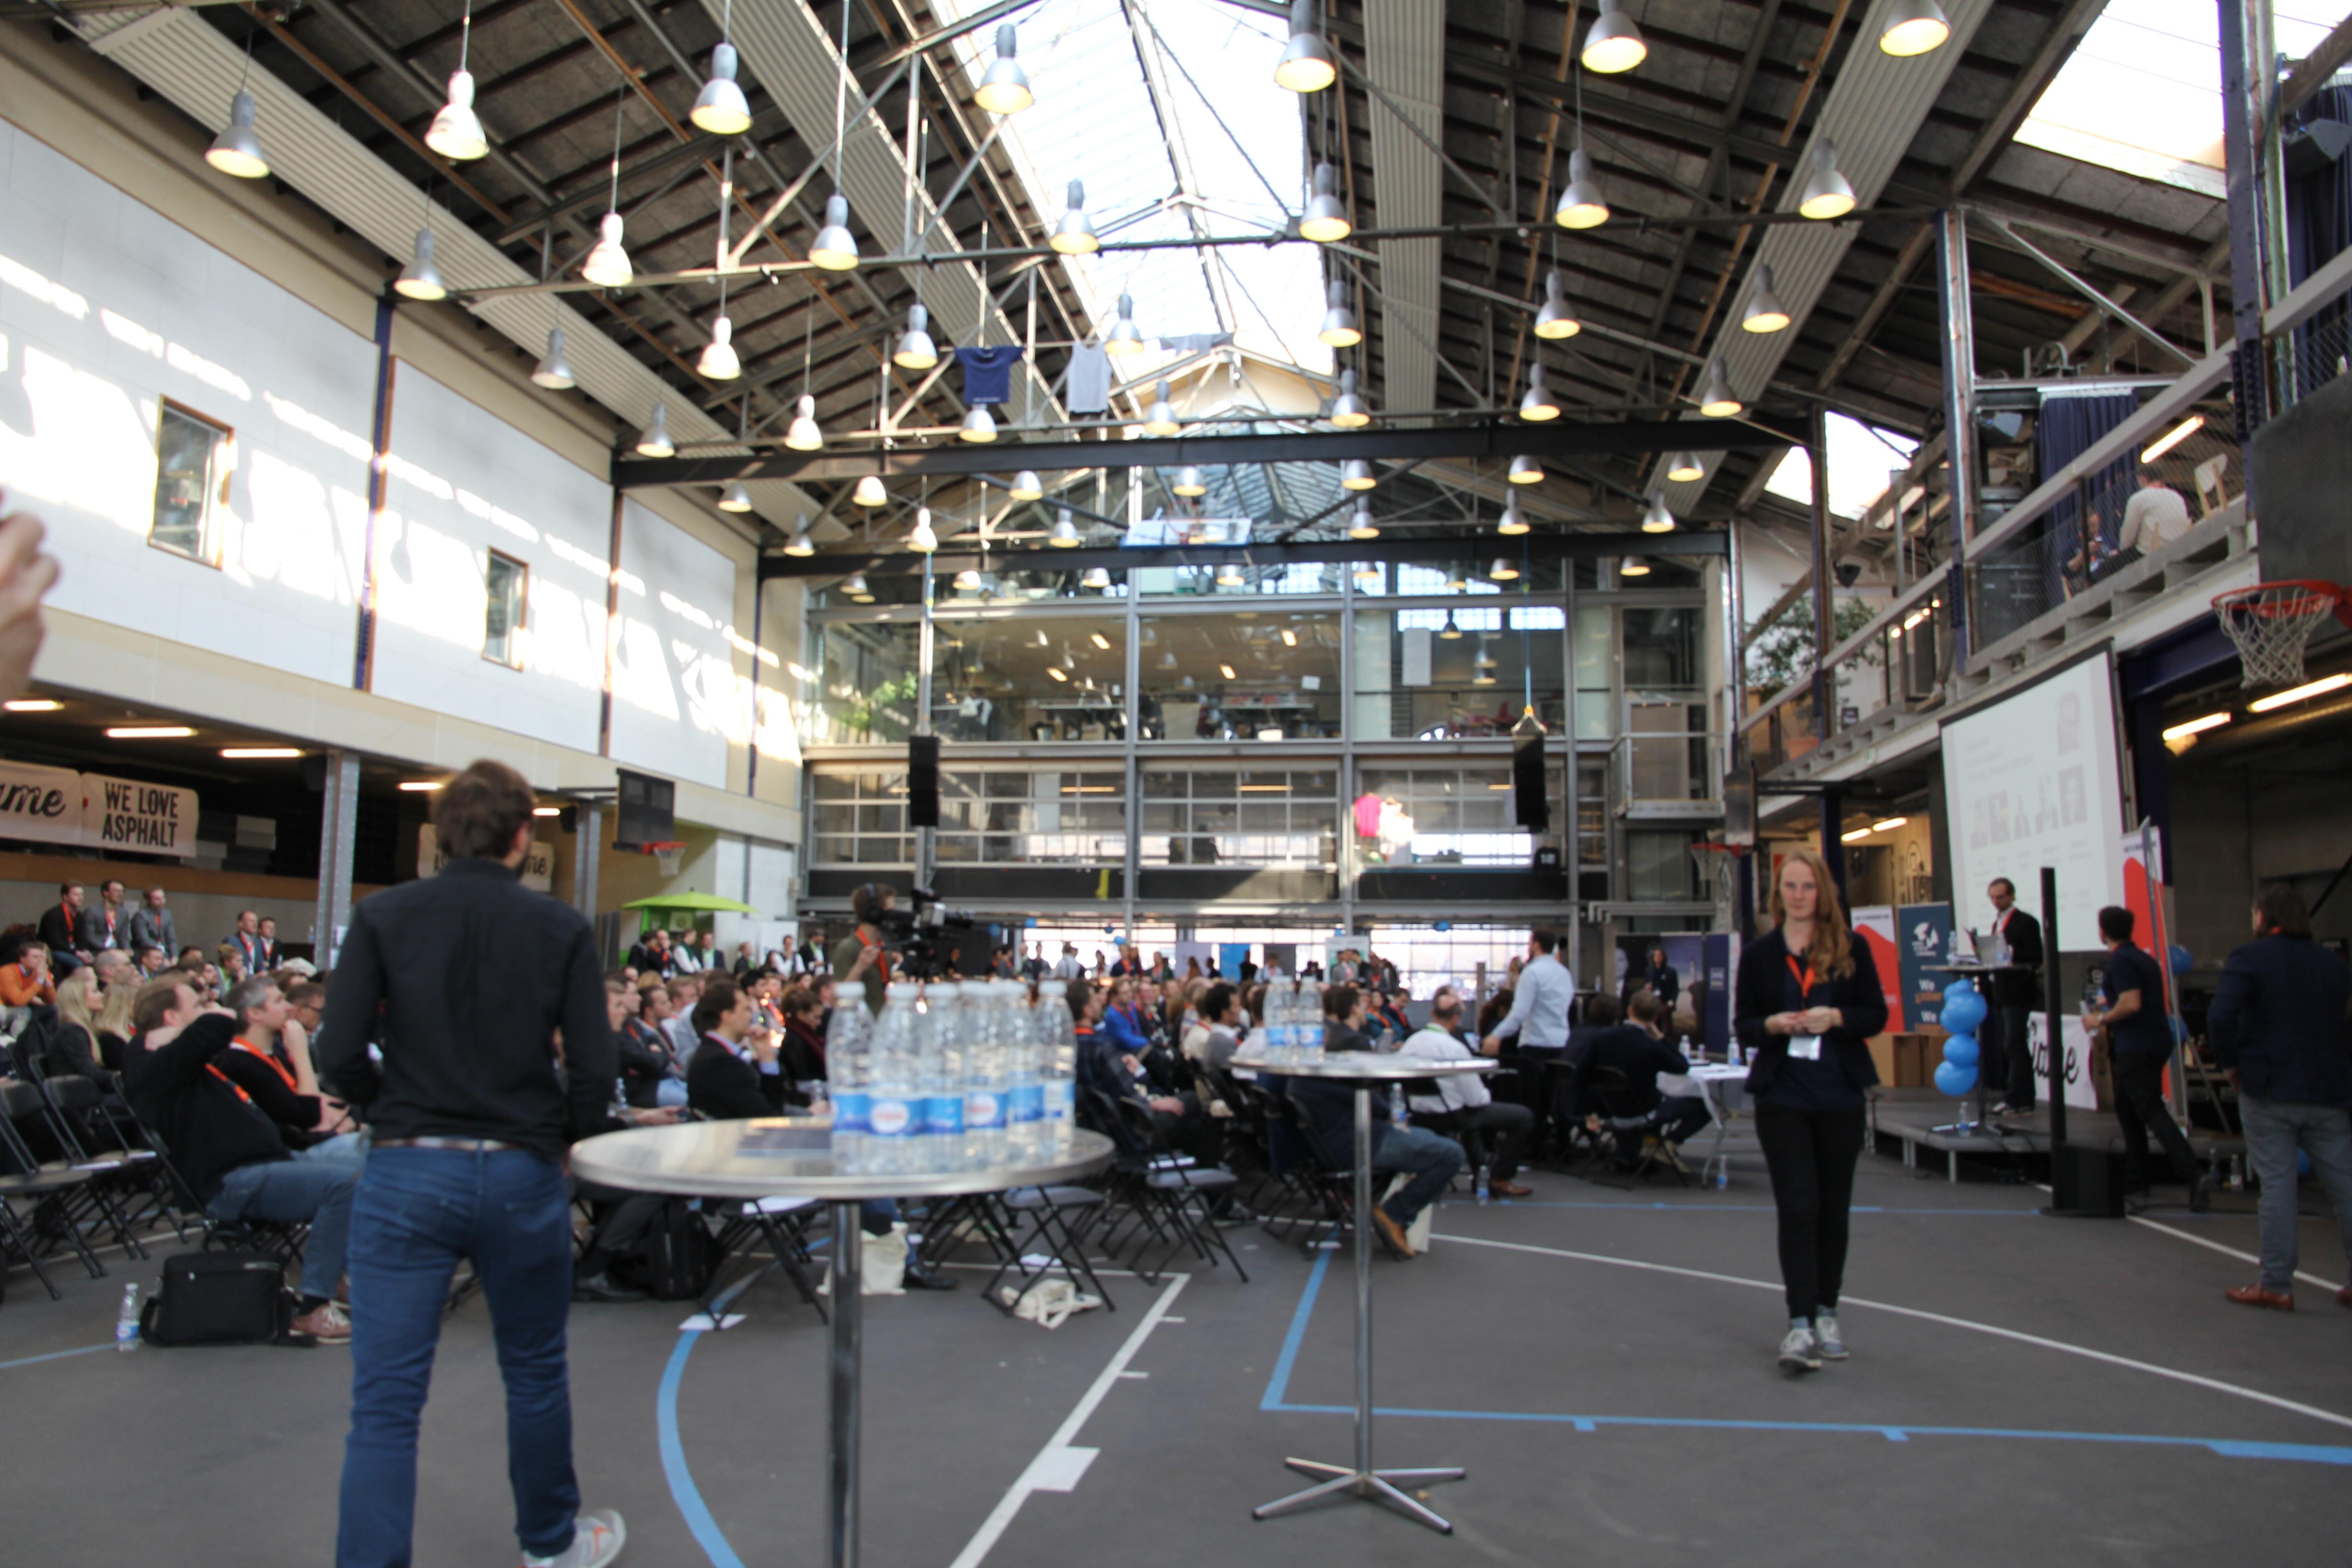 Et styrket Norden – Et ambitiøst Nordic Startup Conference 2014 afholdt